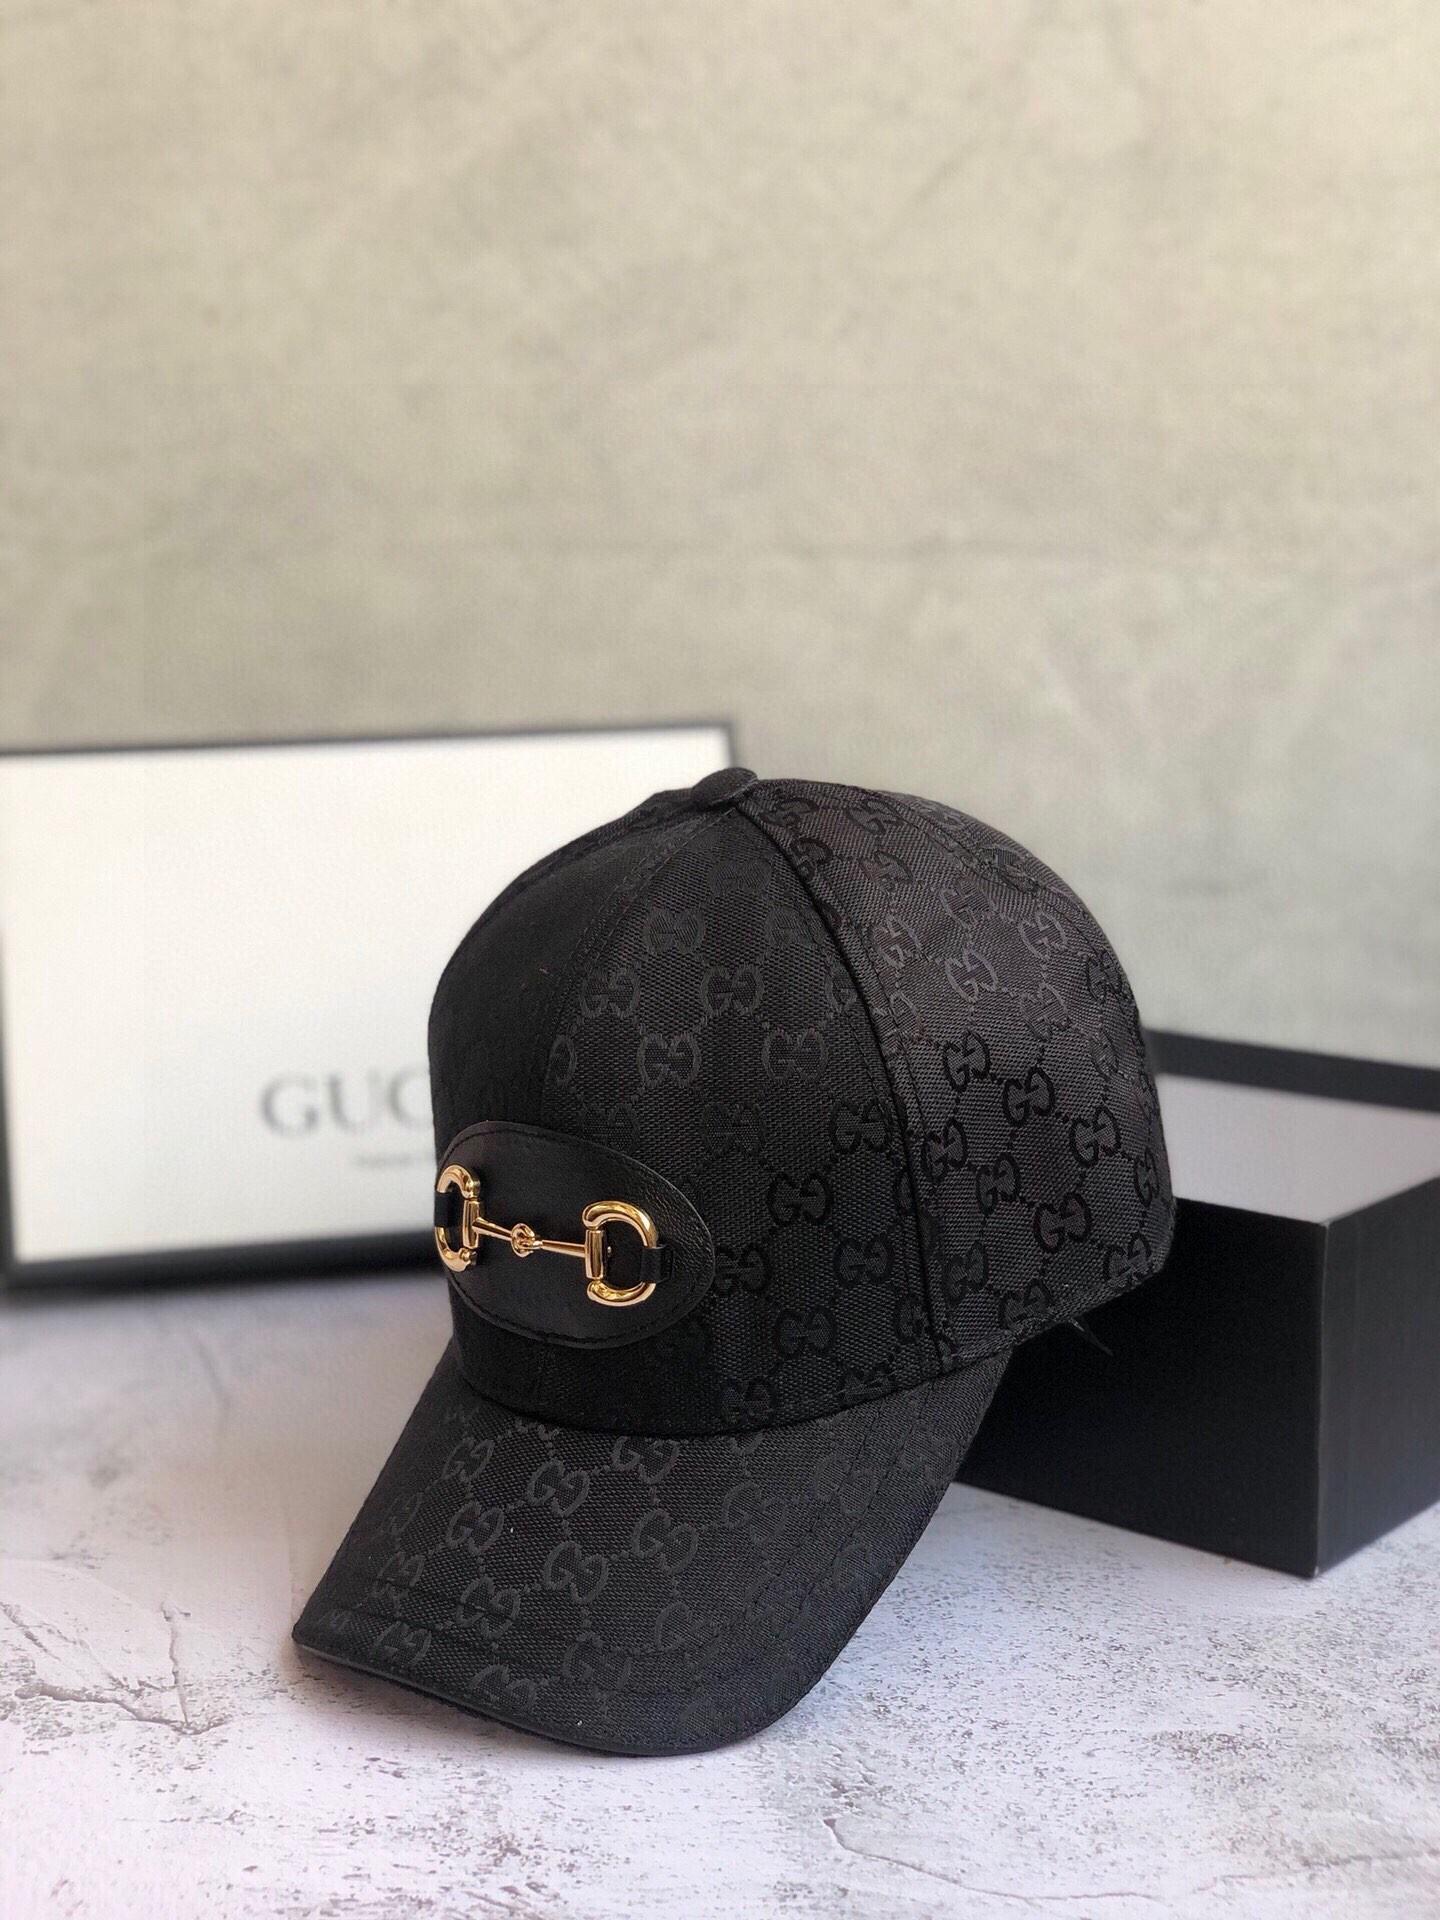 特价Gucci古琦新款原单棒球帽包边